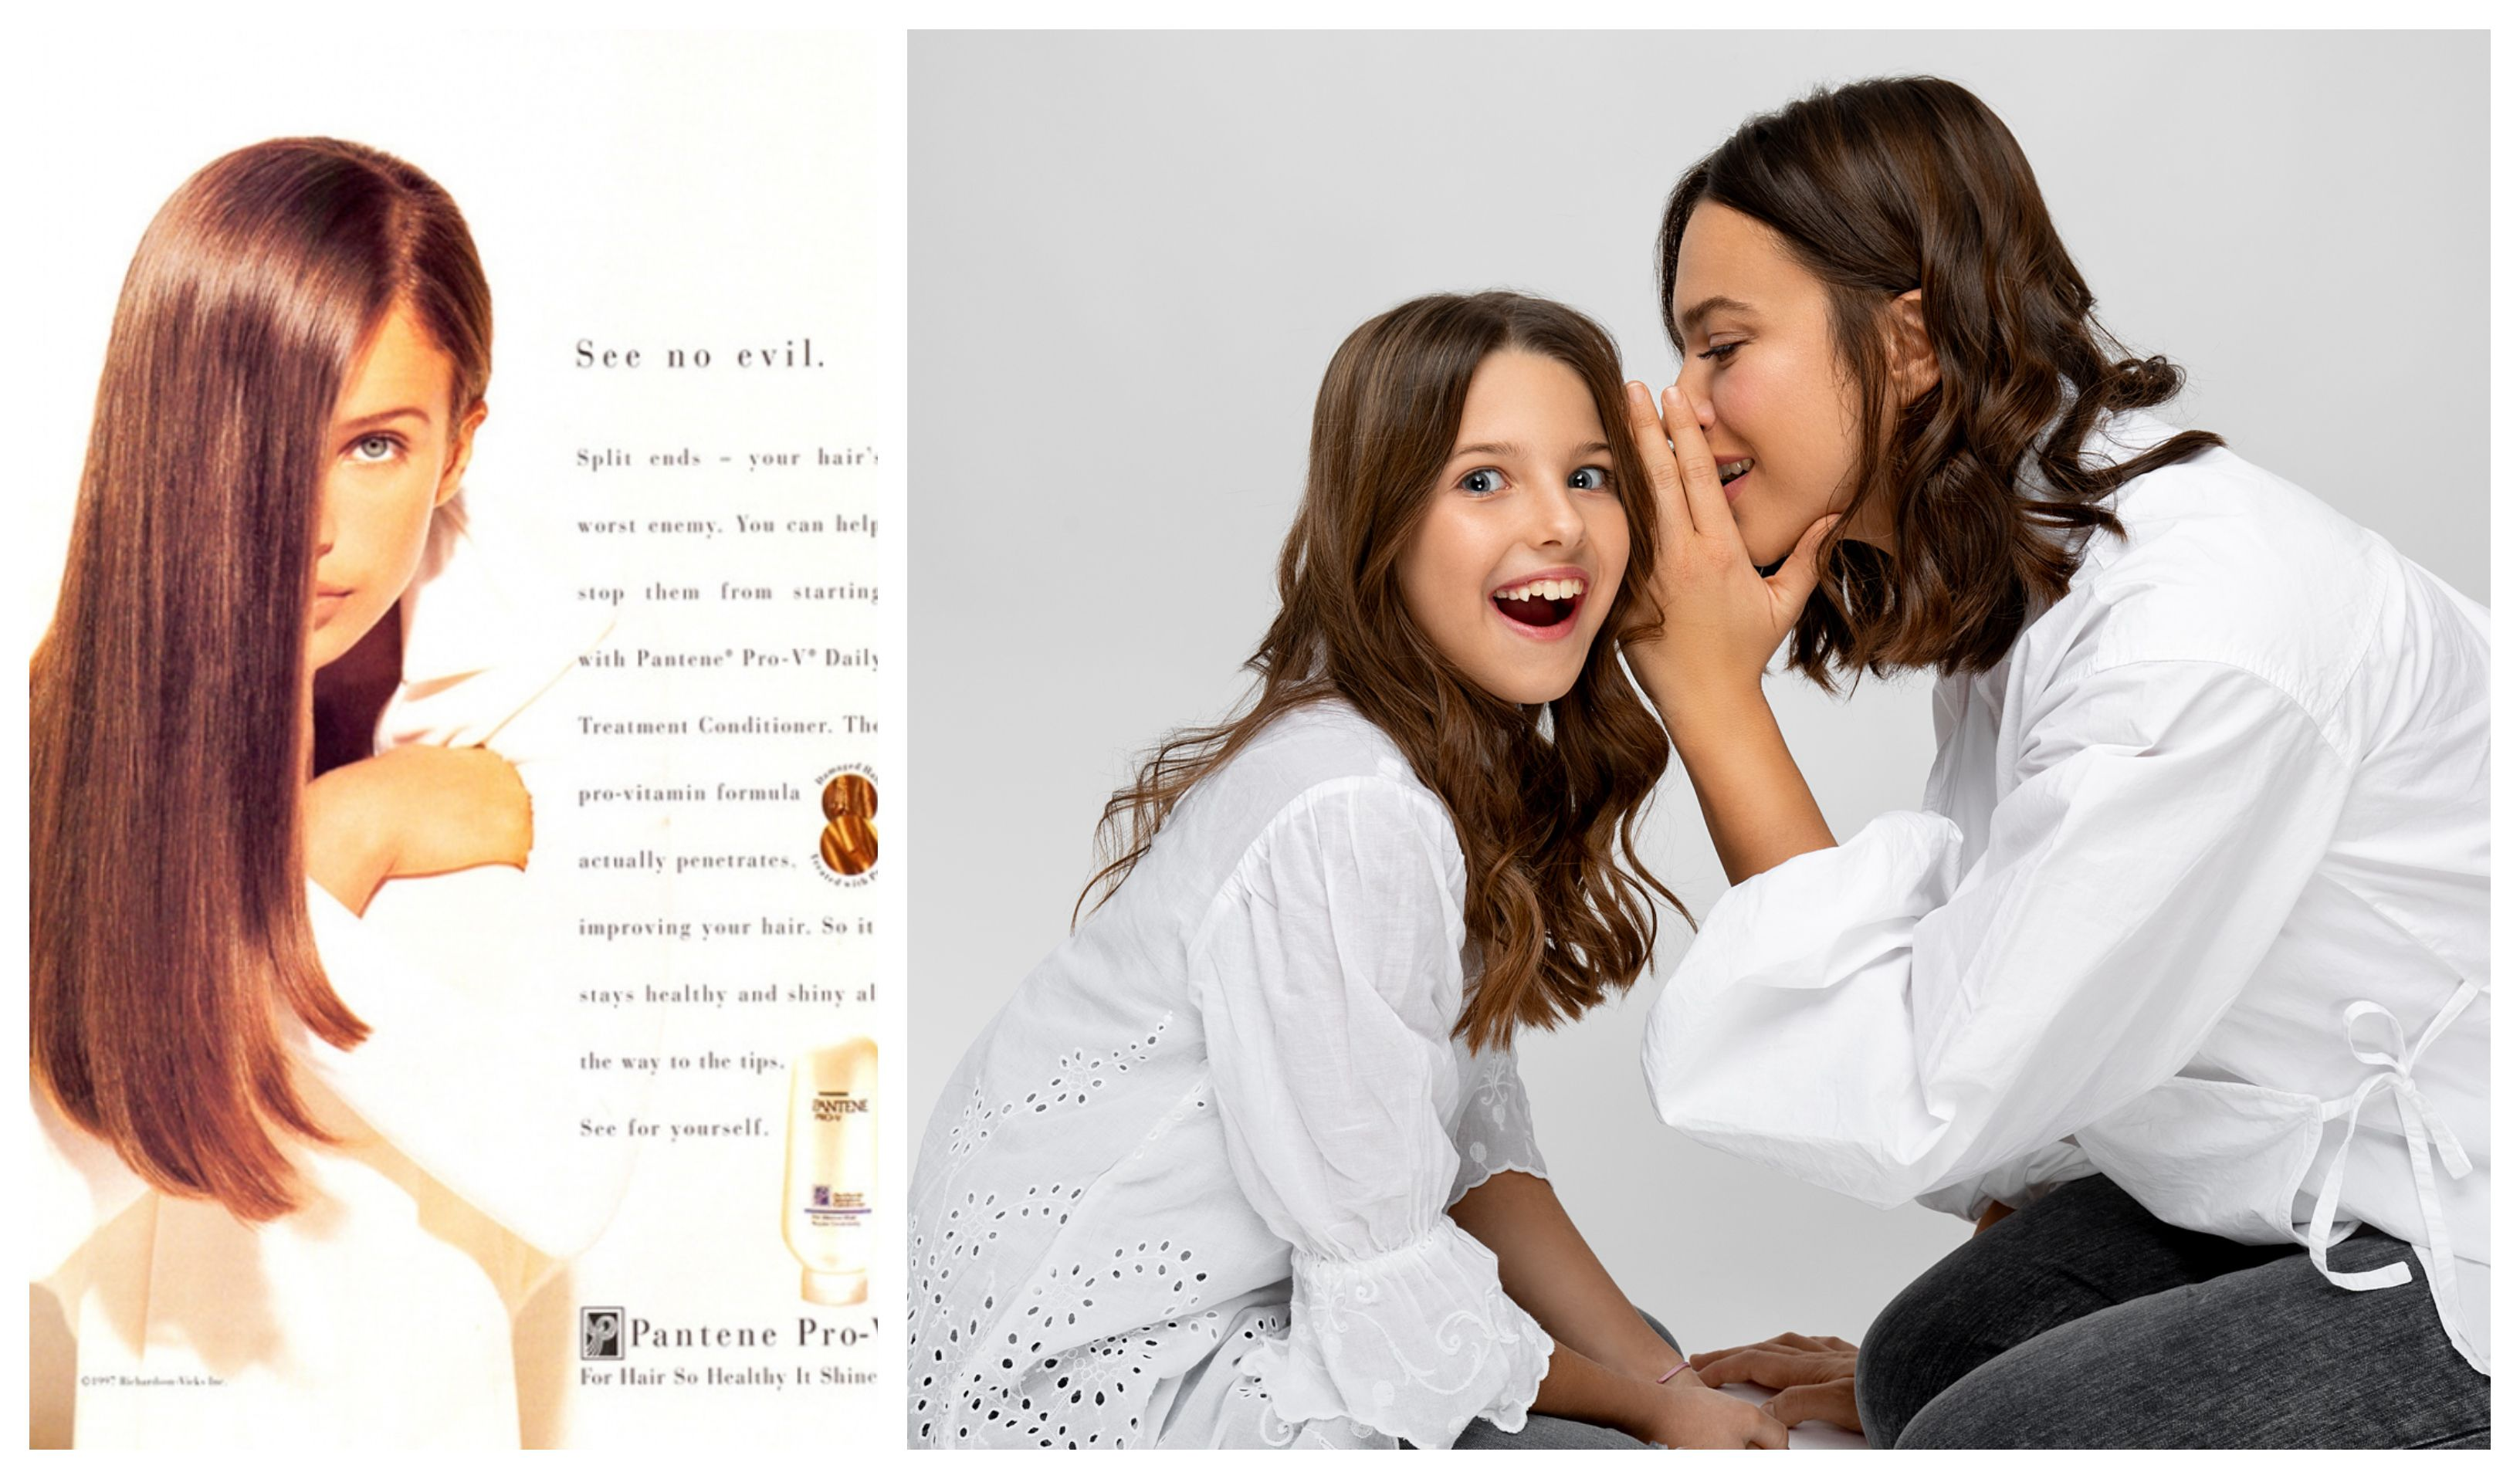 24 godine nakon legendarne reklame na Times Squareu, Ljupka s kćeri raznježila je mnoge u novoj kampanji za isti brend